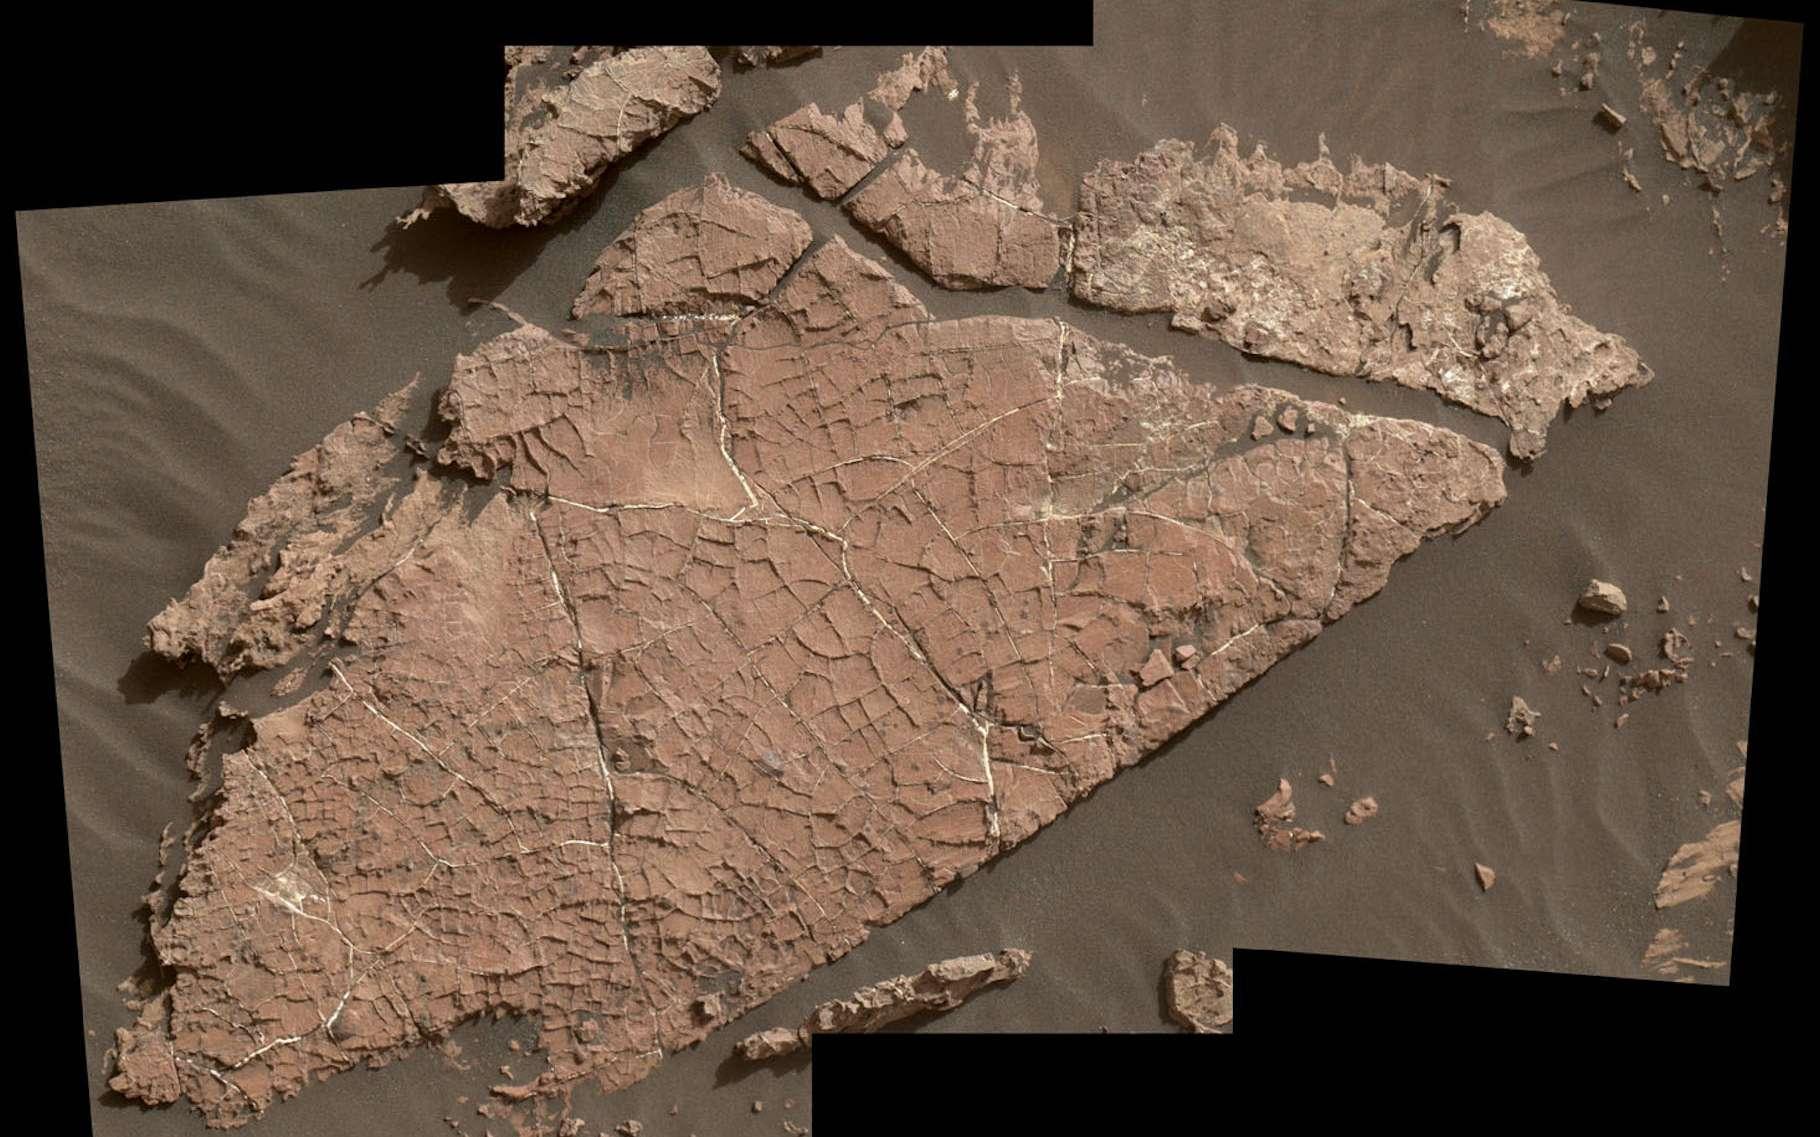 Ce réseau de fissures dans la roche martienne appelée Old Soaker pourrait s'être formé suite au séchage d'une couche de boue il y a 3 milliards d'années. © Nasa, JPL-Caltech, MSSS